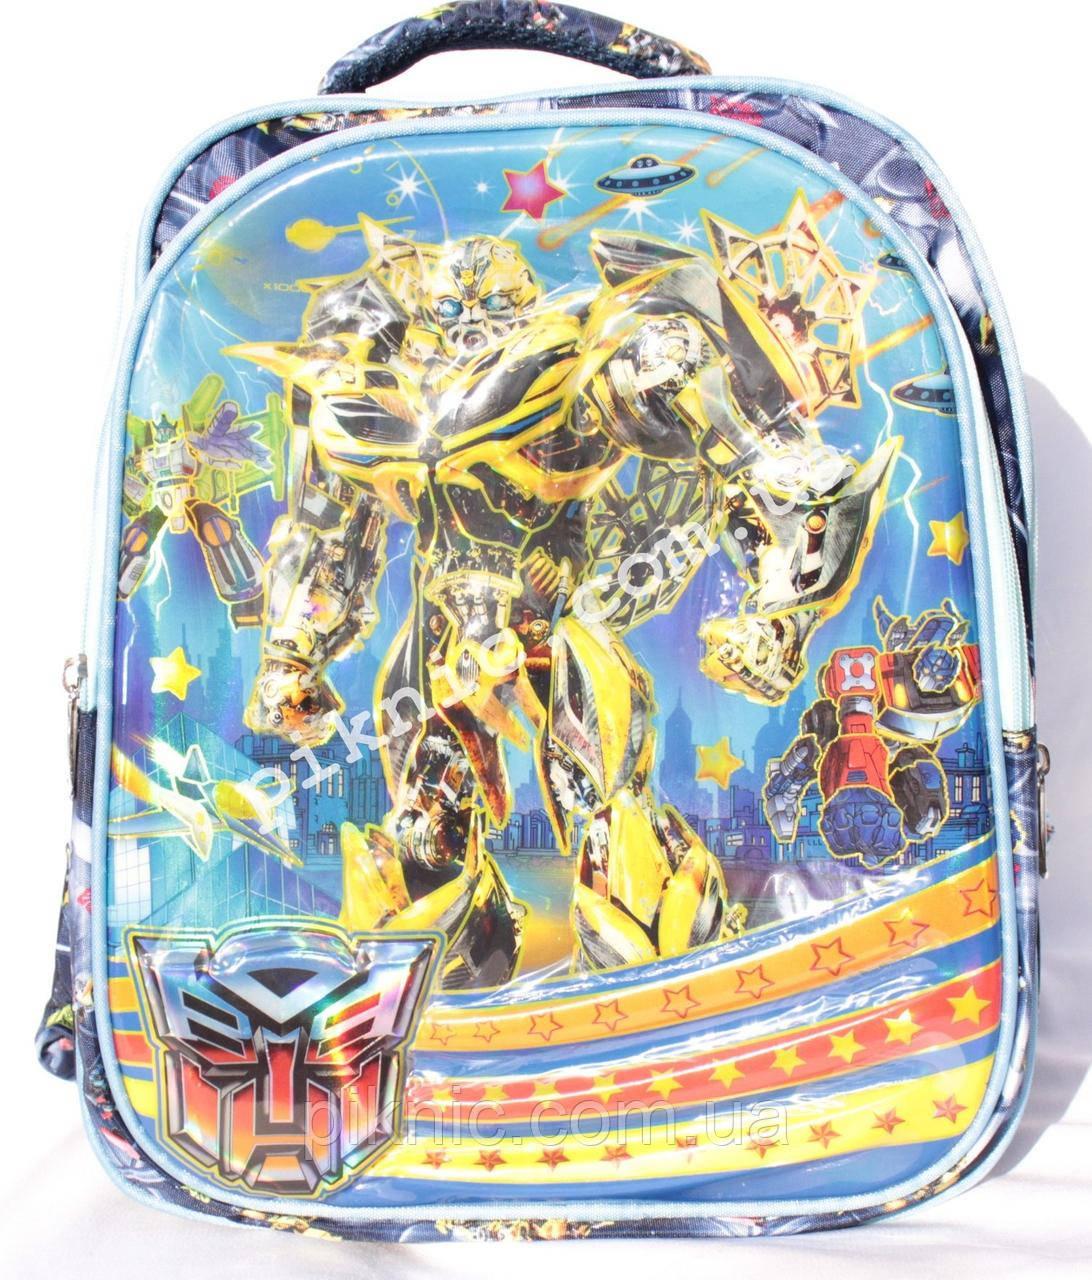 Школьный рюкзак Трансформер 1,2 класс для мальчиков. Портфель ранец ортопедический